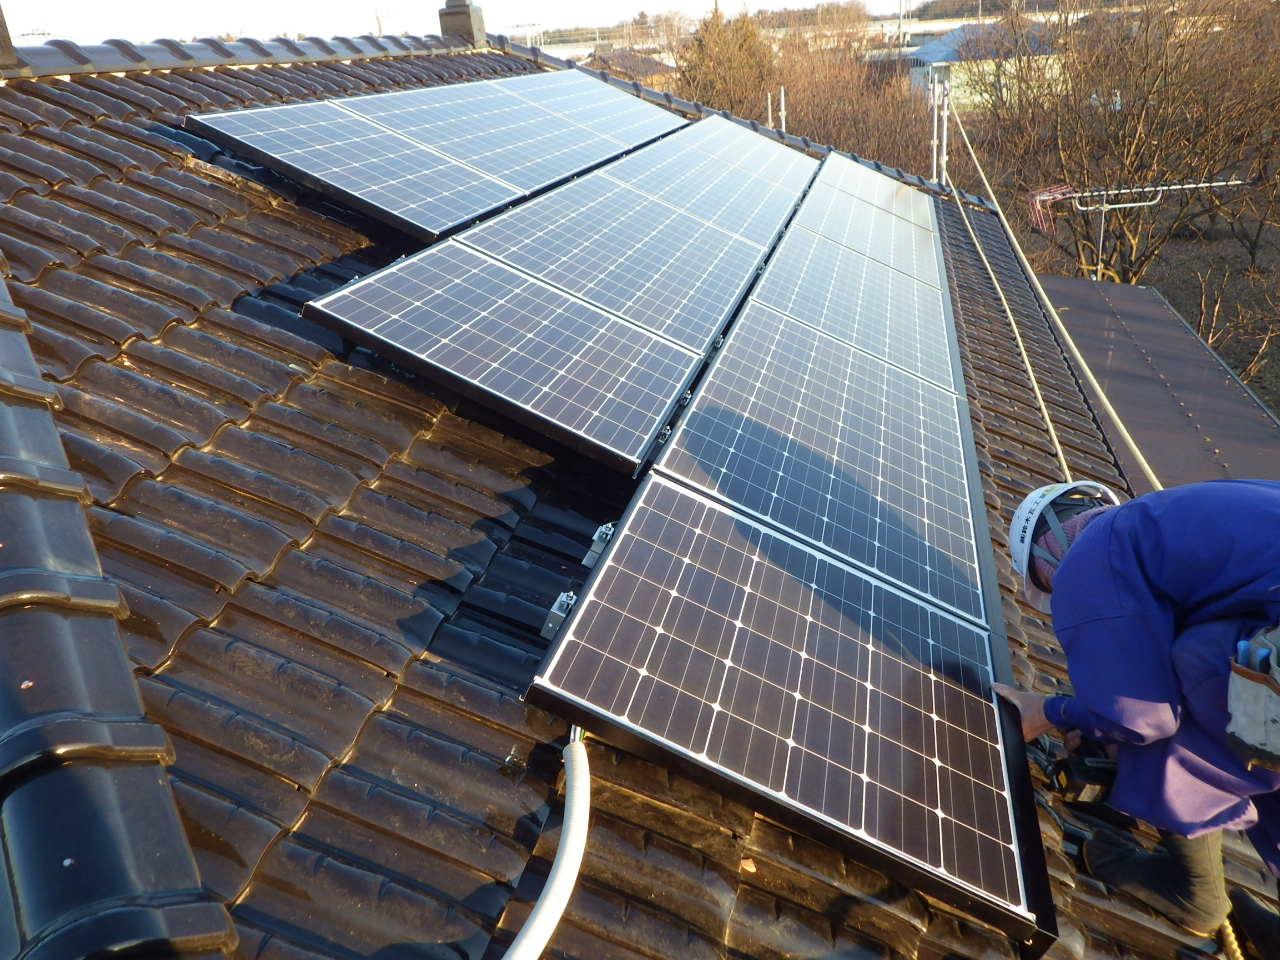 陶器瓦屋根への太陽光発電システム設置工事を行いました。in宇都宮市